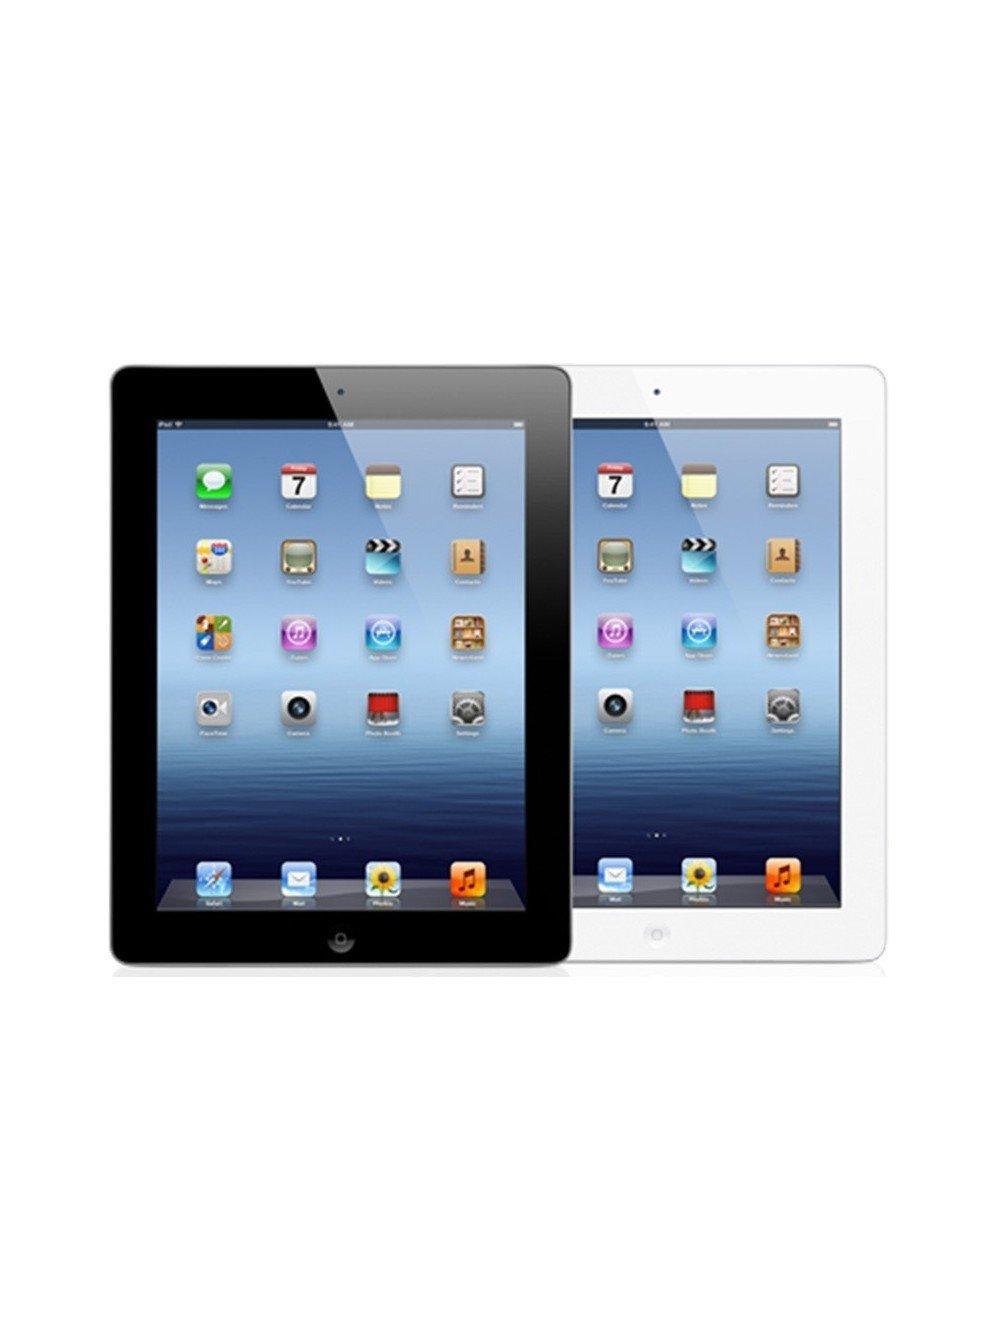 Réparation Vitre iPad 3 Noire au Luxembourg